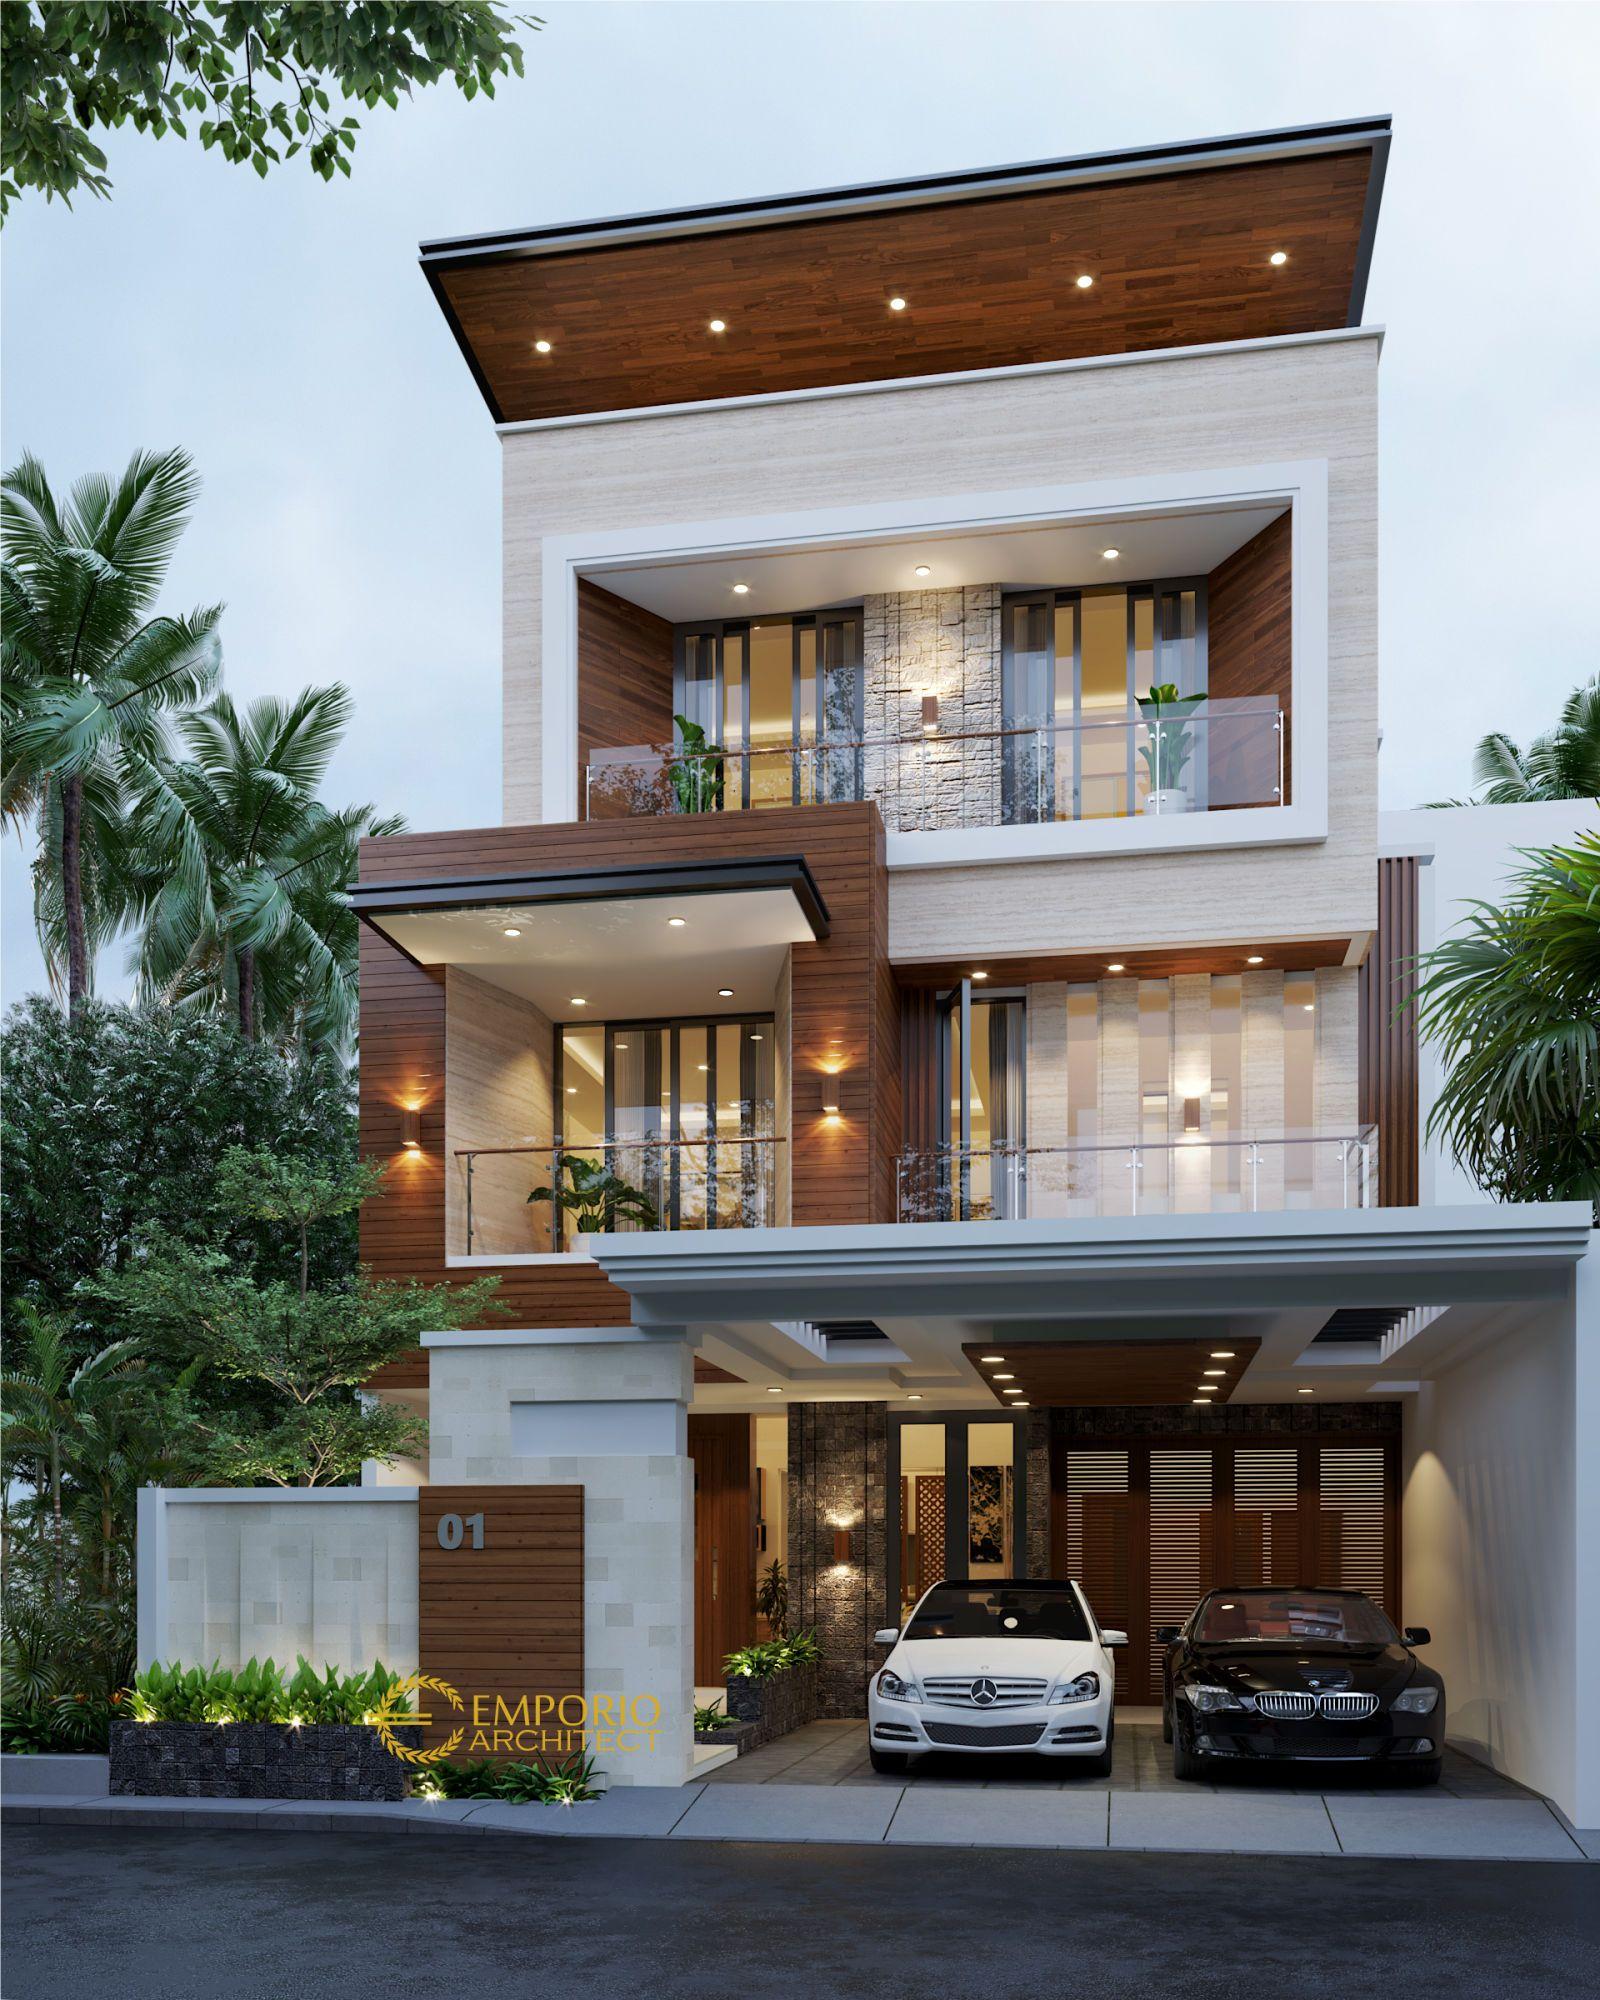 Emporio Arsitek: Jasa Arsitek Di Tangerang Desain Rumah Mr. Hr 1